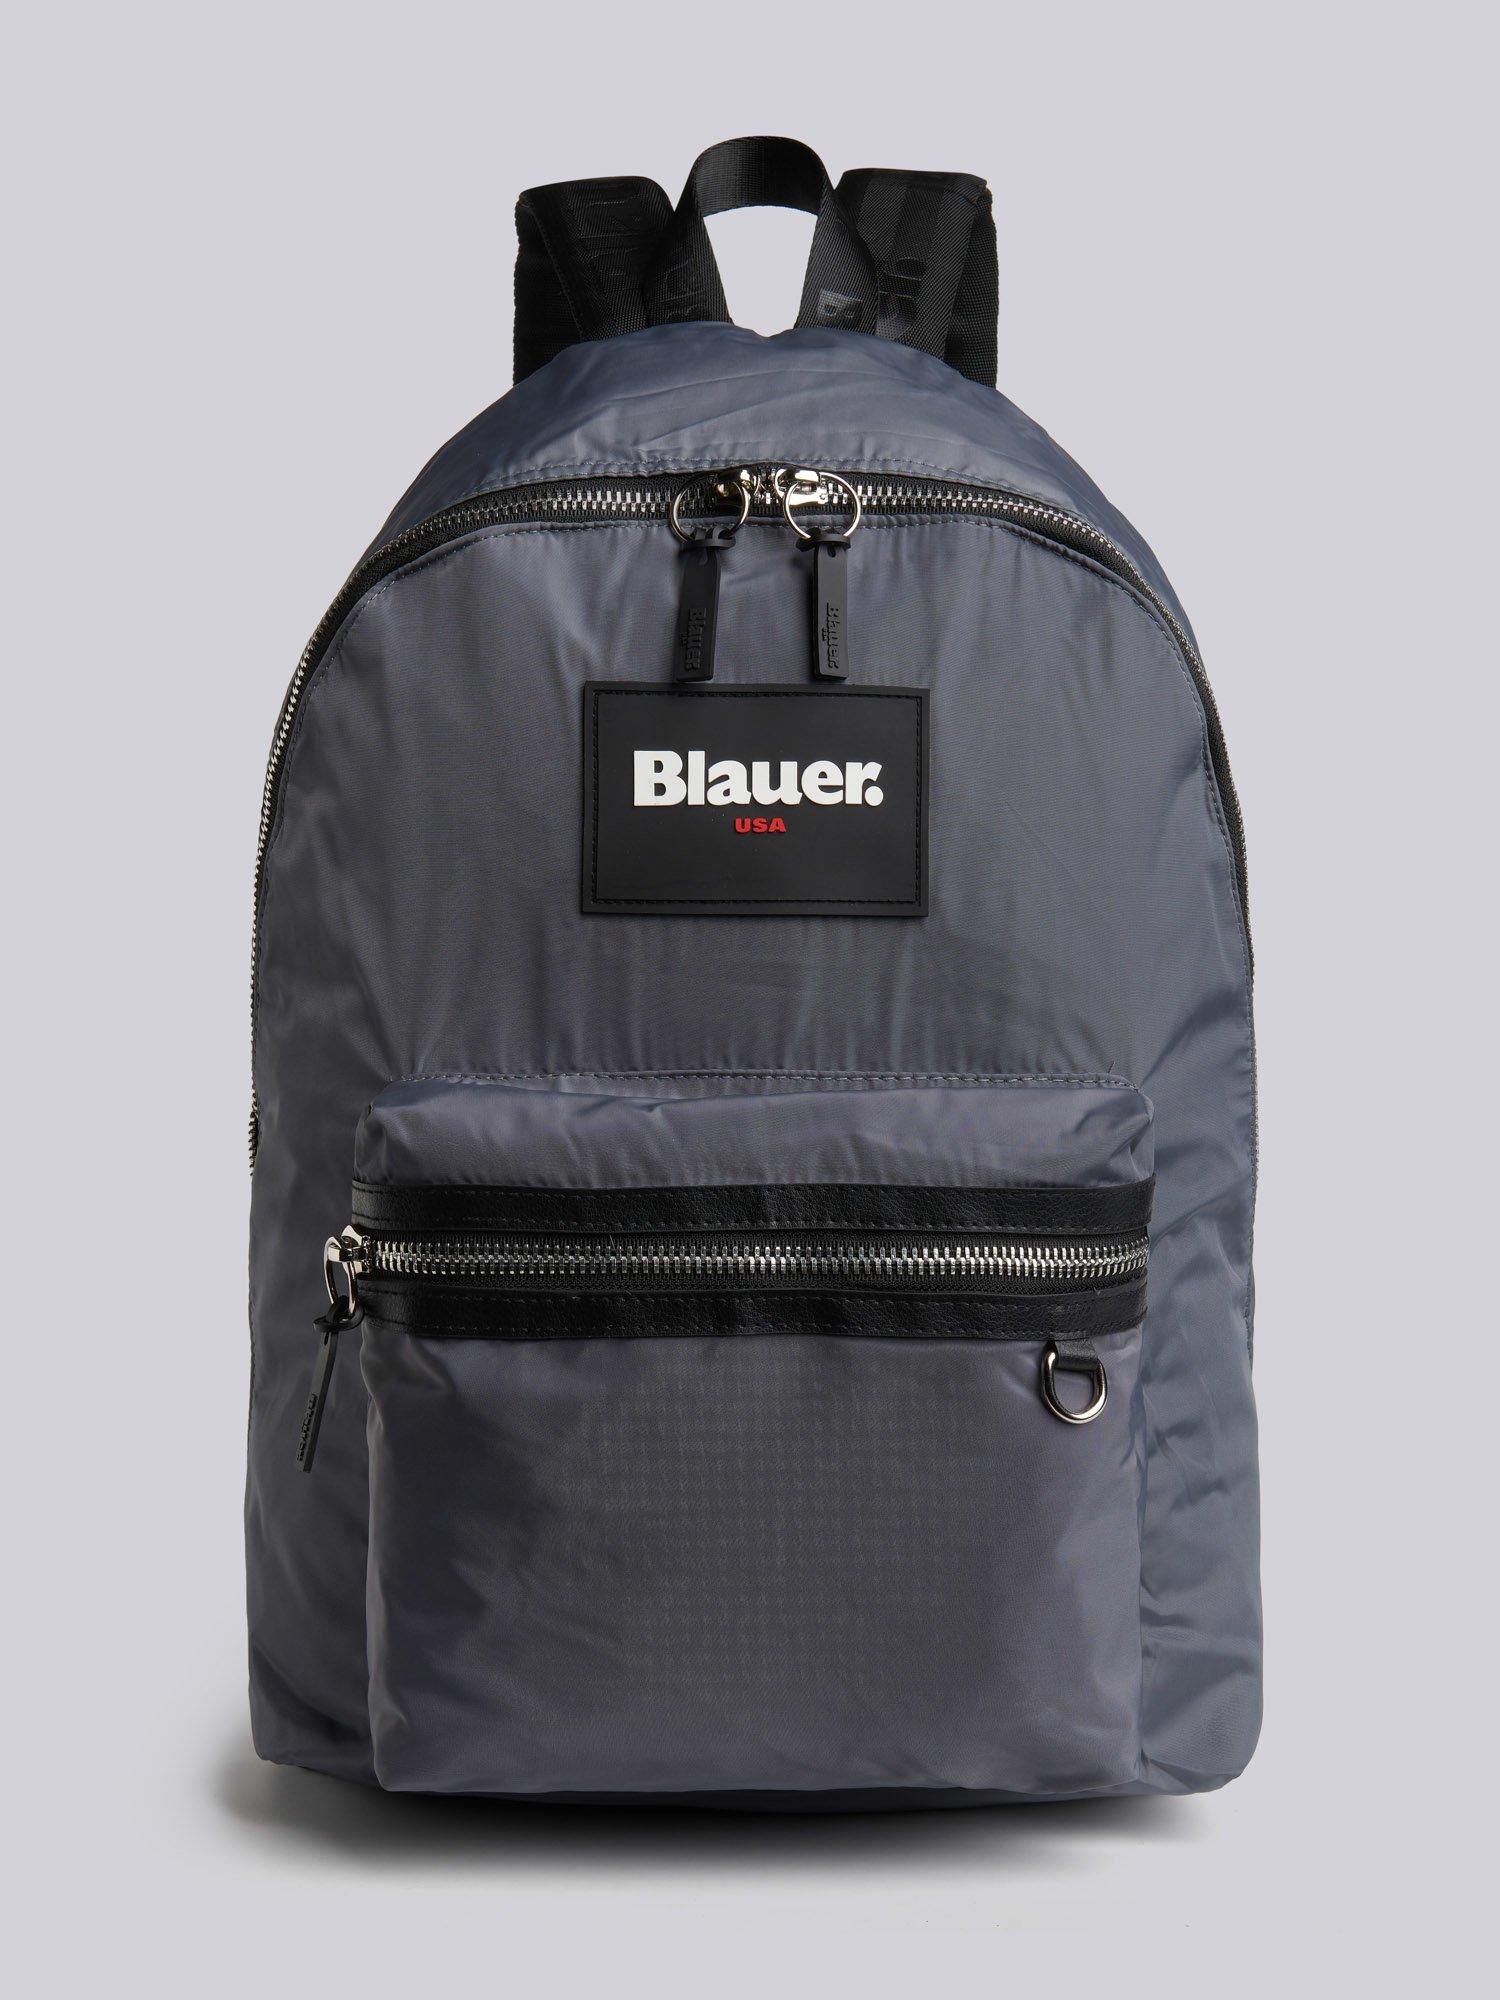 Blauer - NEVADA01C - Grigio Gelo - Blauer